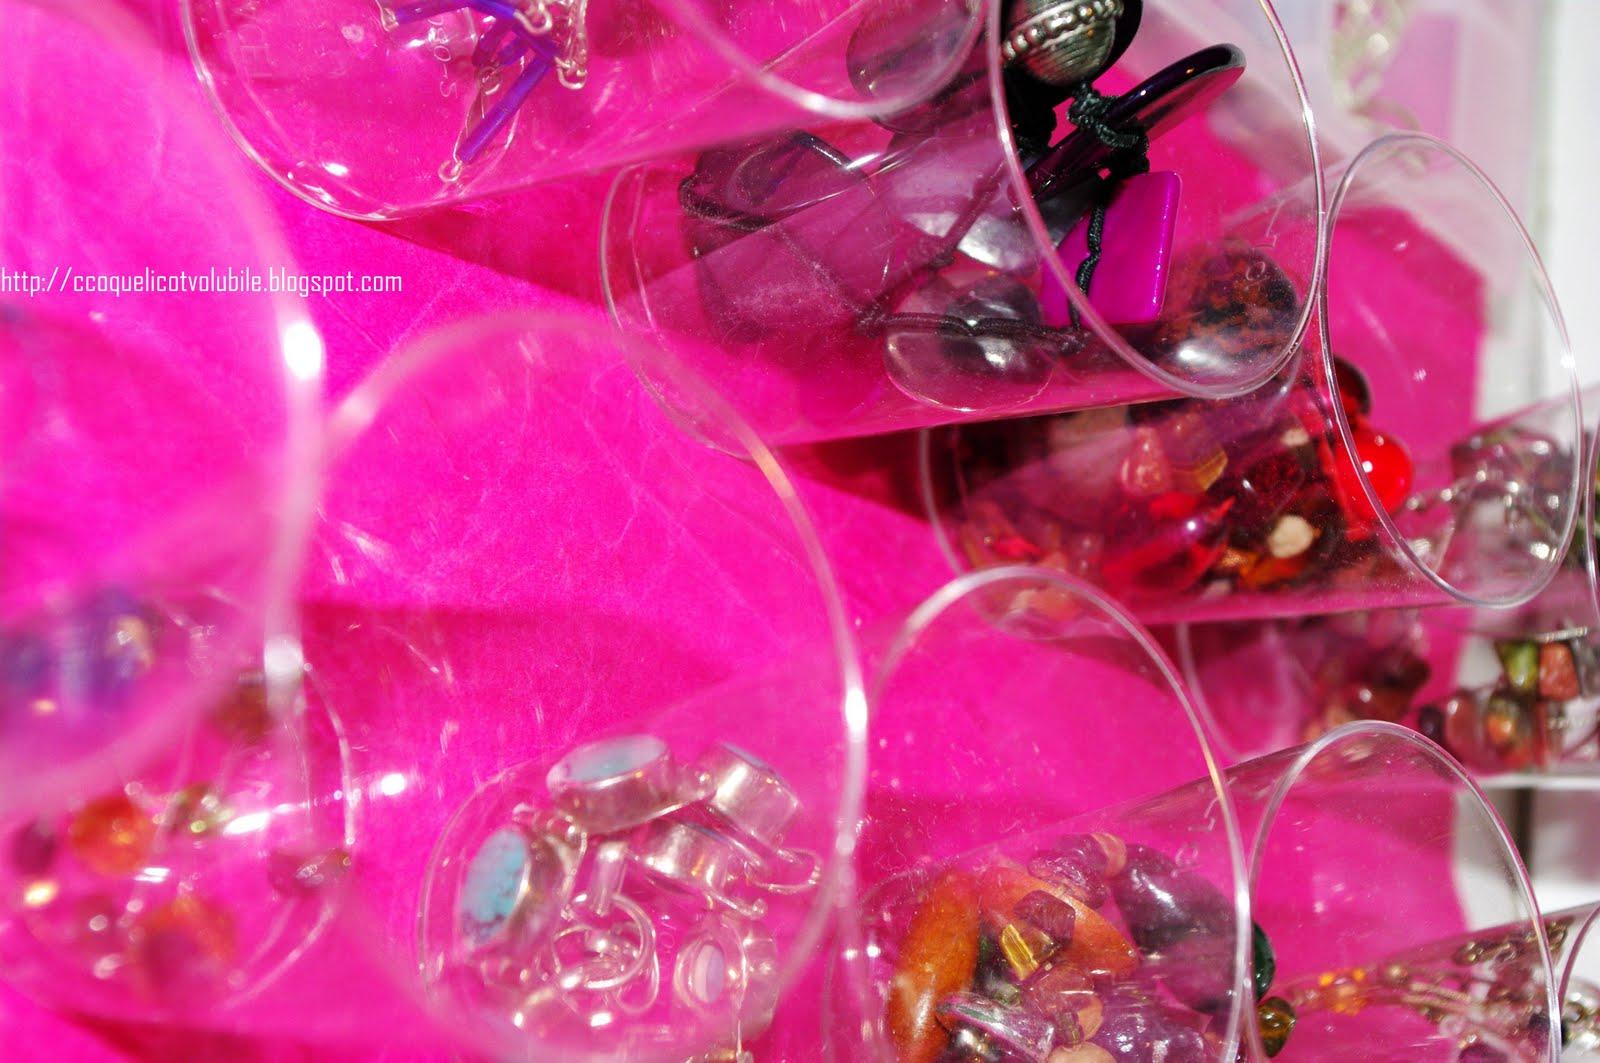 Coquelicot volubile comment ranger ses bijoux bracelets - Comment ranger ses colliers ...